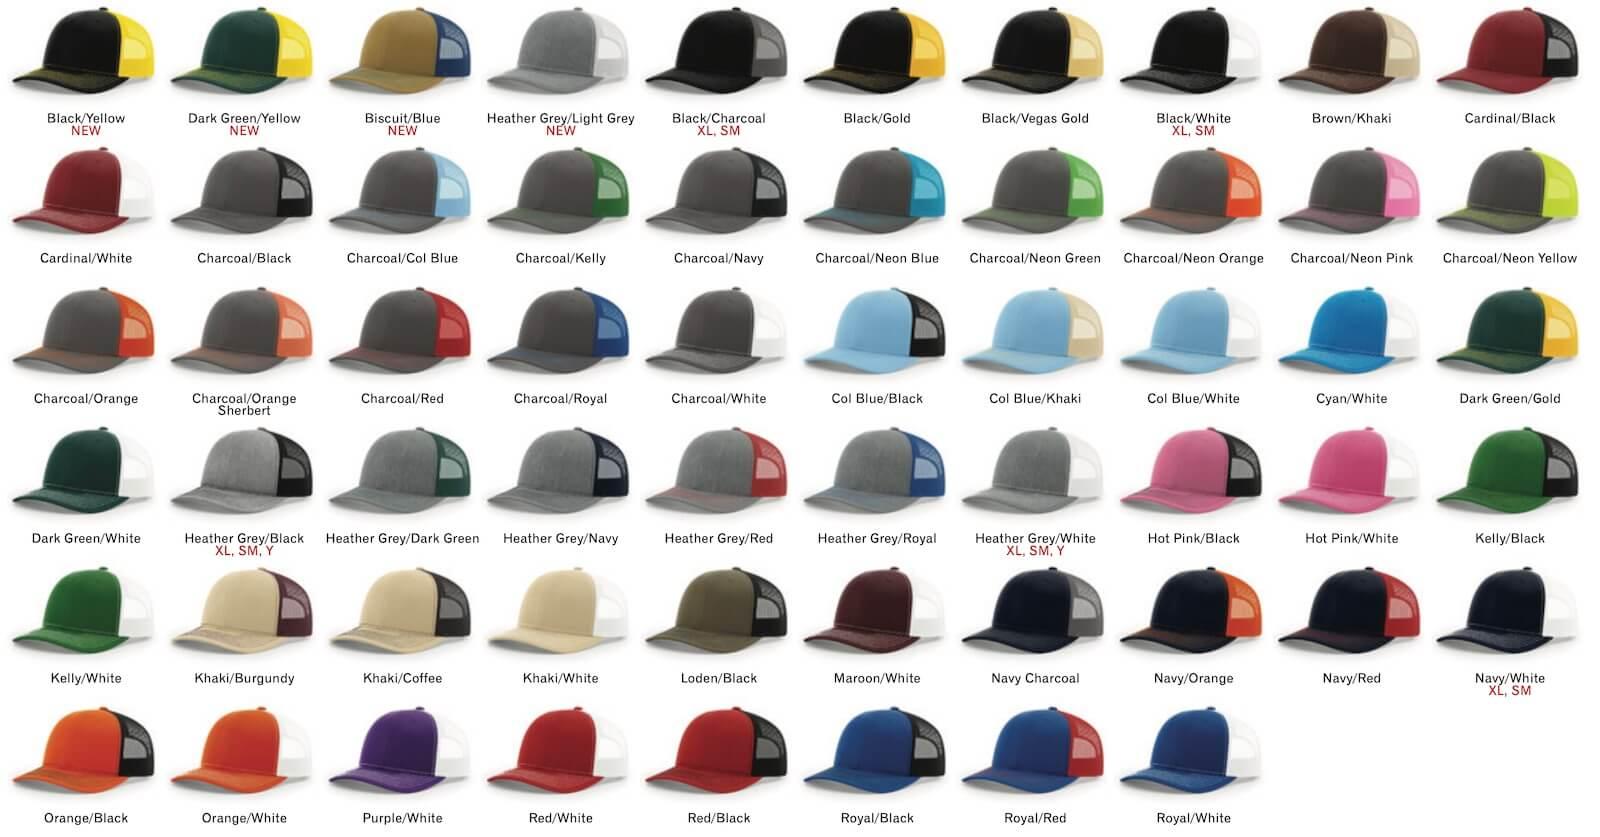 112 split colors